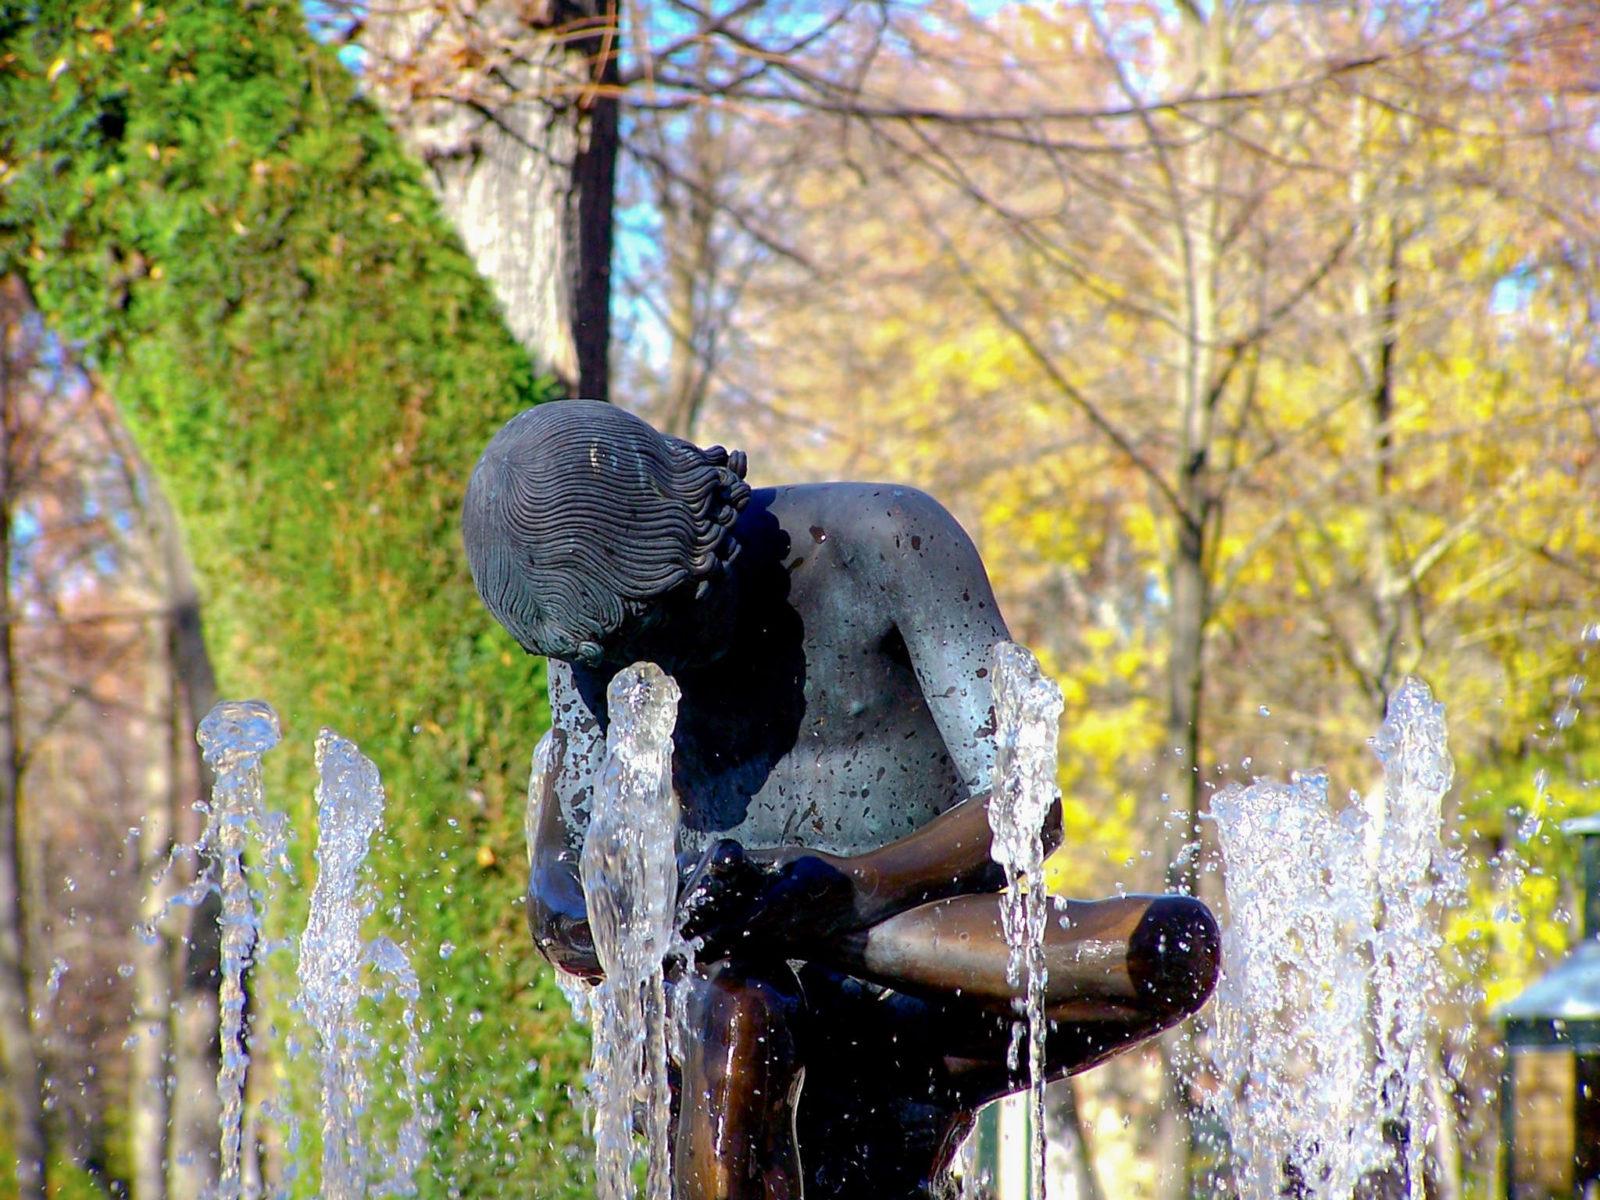 Парковая скульптура, фото Javi